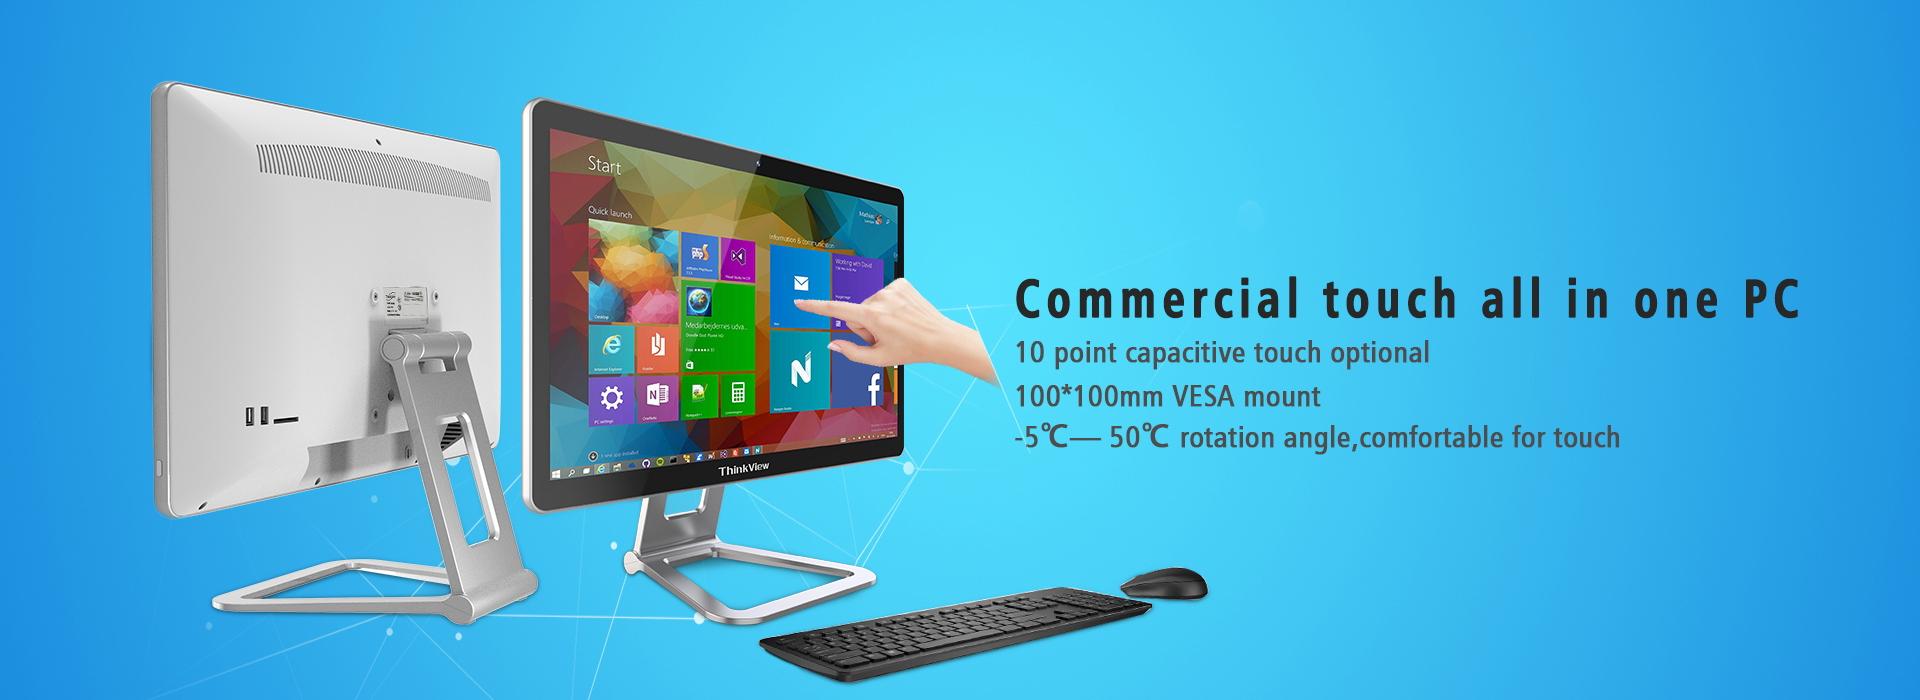 Pro.Series Tuttu in un PC